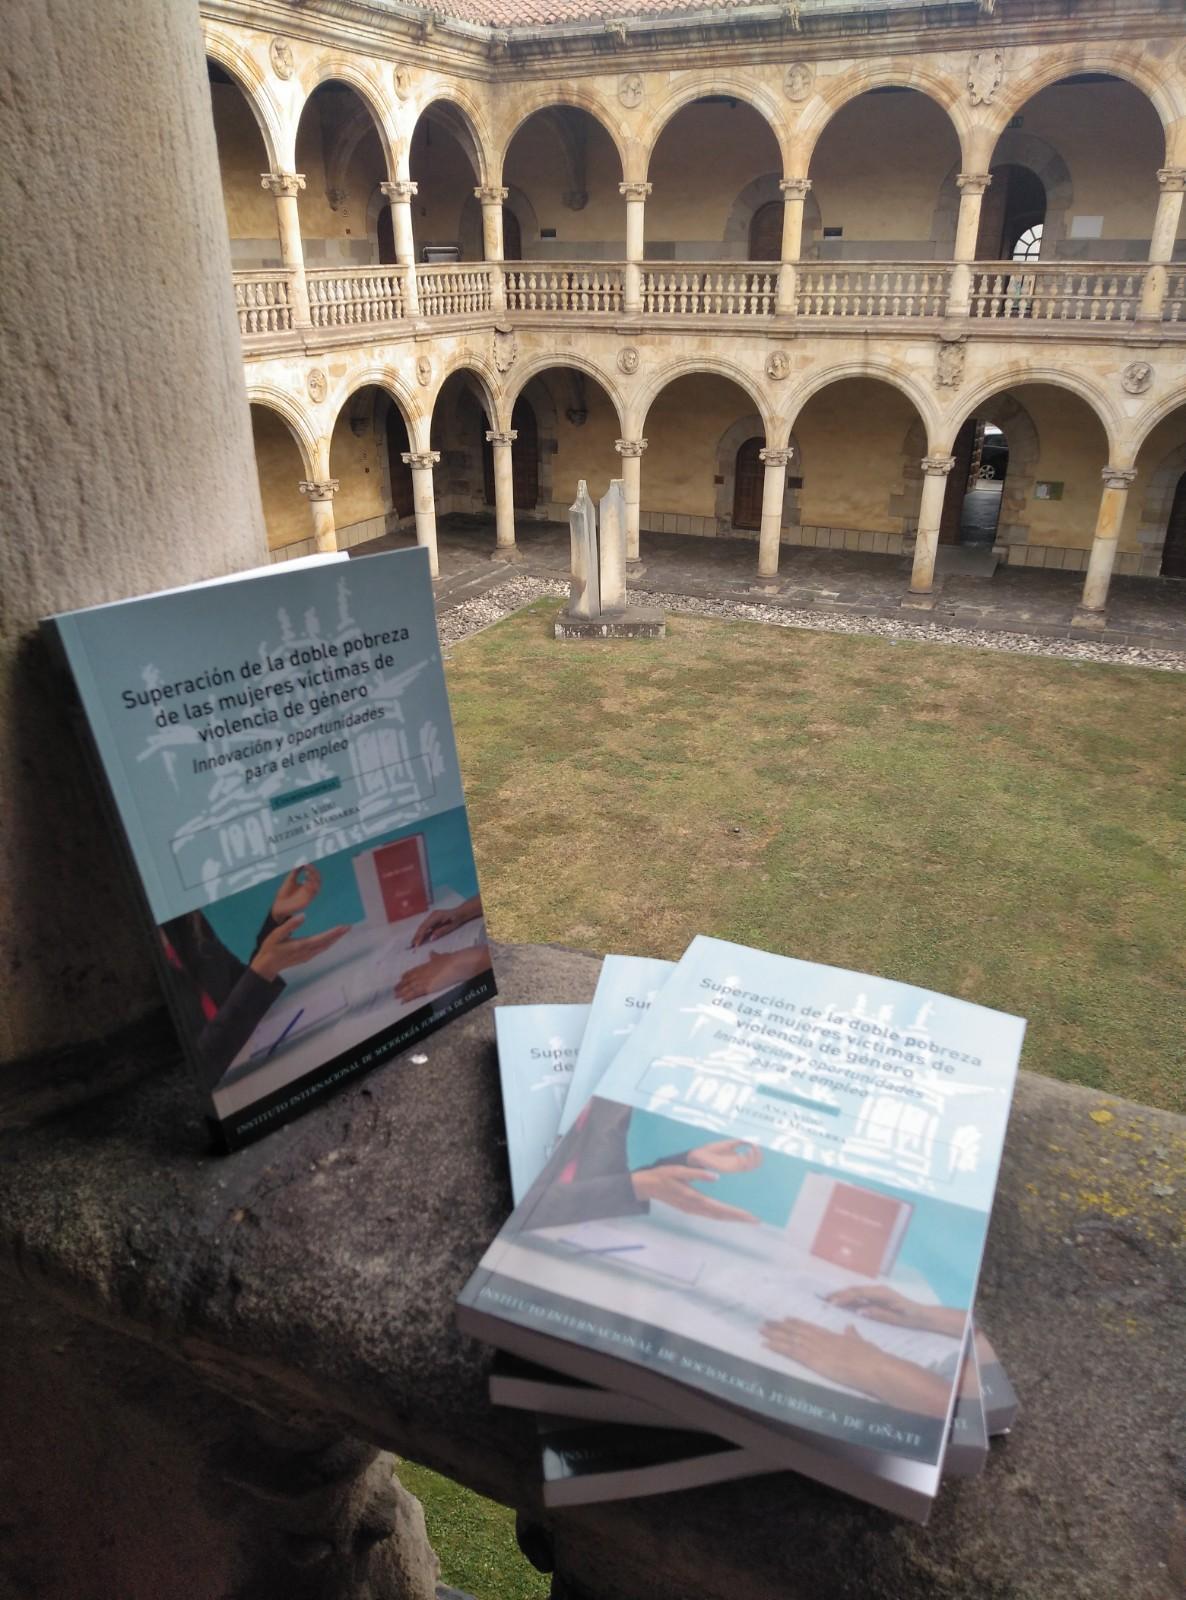 """Ejemplares de """"Superación de la doble pobreza de las mujeres víctimas de la violencia de género"""""""